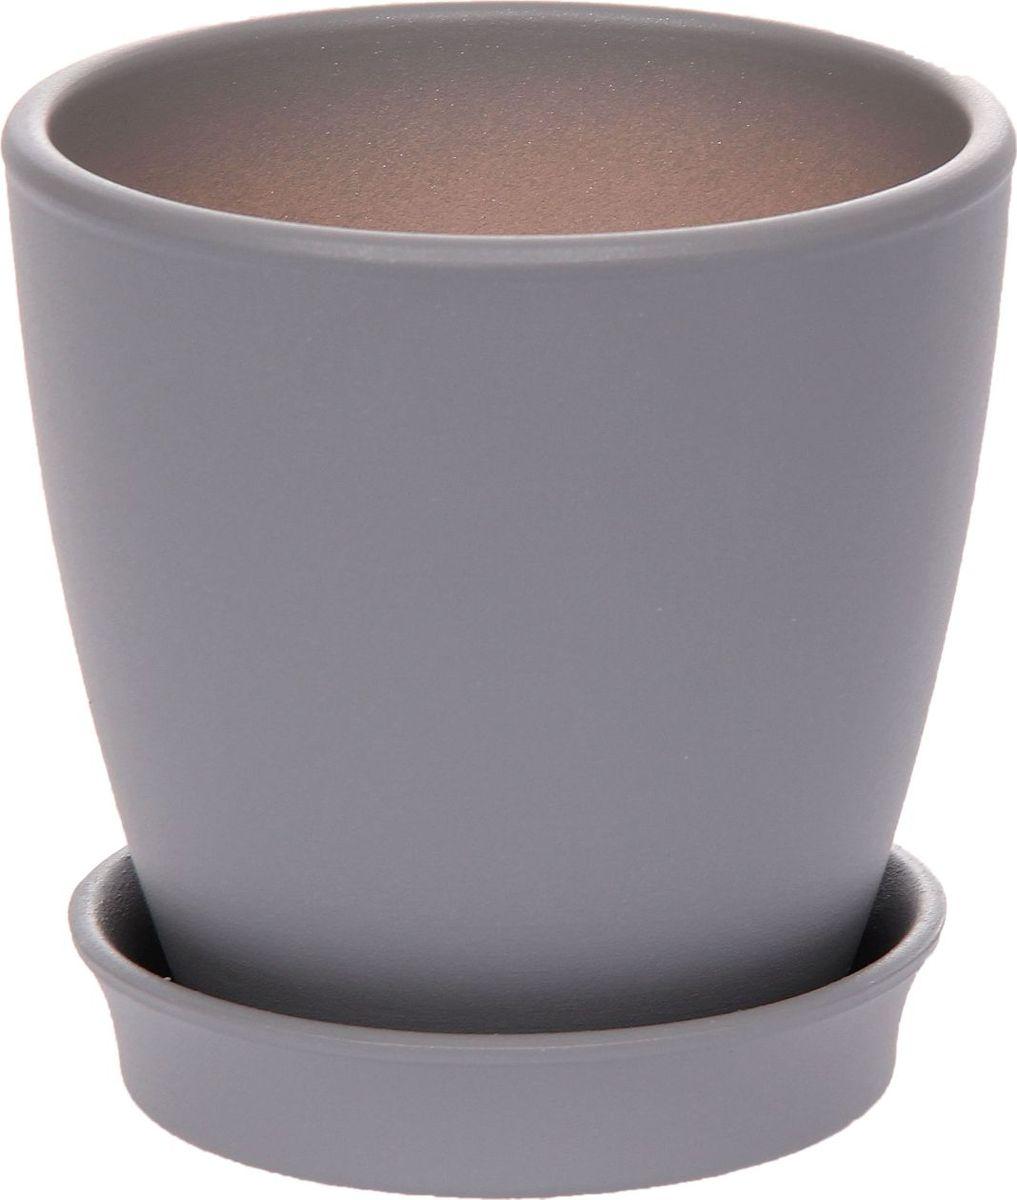 Кашпо Керамика ручной работы Виктория, цвет: серый, 0,6 л1134109Кашпо серии «Каменный цветок» выполнено из белой глины методом формовки и покрыто лаком. Керамическая ёмкость имеет объём, оптимальный для создания наилучших условий развития большинства растений.Устойчивый глубокий поддон защитит поверхность стола или подставки от жидкости.Благодаря строгим стандартам производства изделия отличаются правильной формой, отсутствием дефектов, имеют достаточную тяжесть для надёжной фиксации конструкции.Окраска моделей не восприимчива к прямым солнечным лучам, а в цветовой гамме преобладают яркие и насыщенные оттенки.Красота, удобство и долговечность кашпо серии «Каменный цветок» порадует любителей высококачественных аксессуаров для комнатных растений.